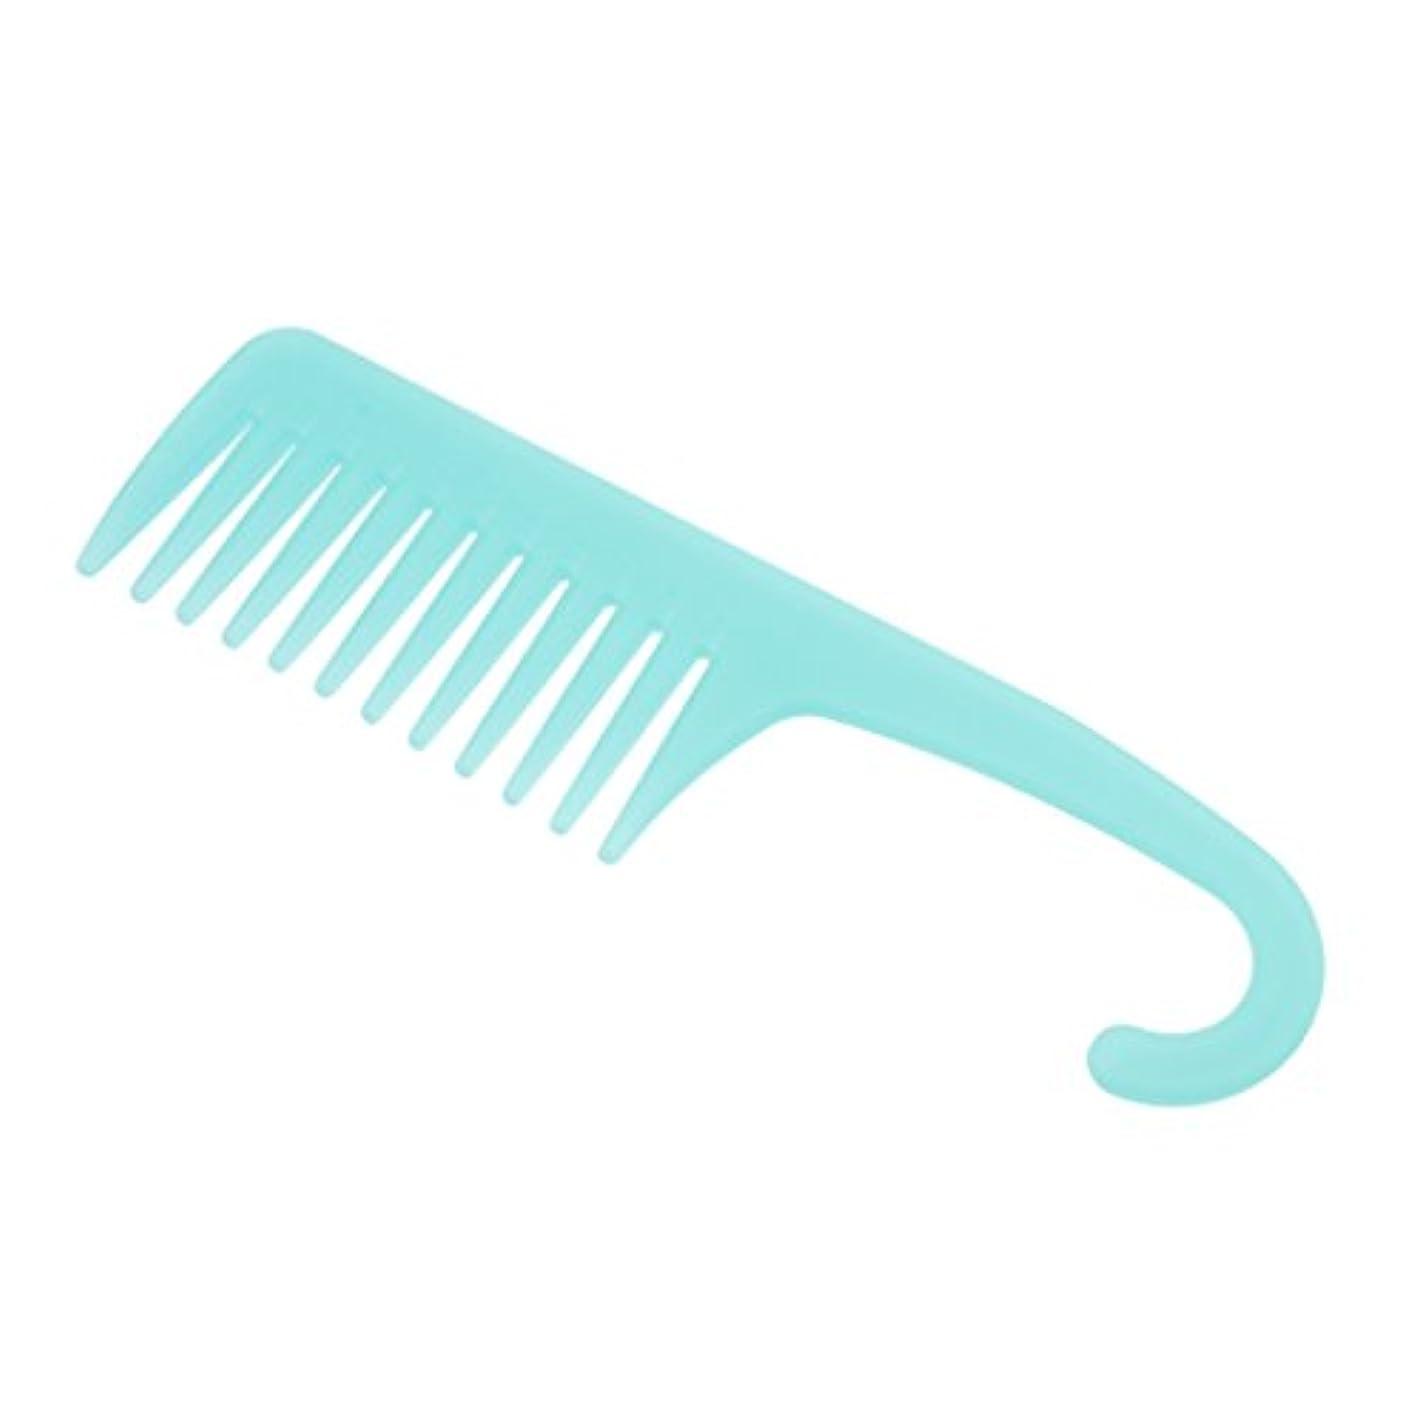 聖なる作るしっかりPerfeclan ワイド歯ブラシ ヘアブラシ プロ ヘアーコンディション 櫛 耐熱性 帯電防止 ヘアコーム 3タイプ選べる - A